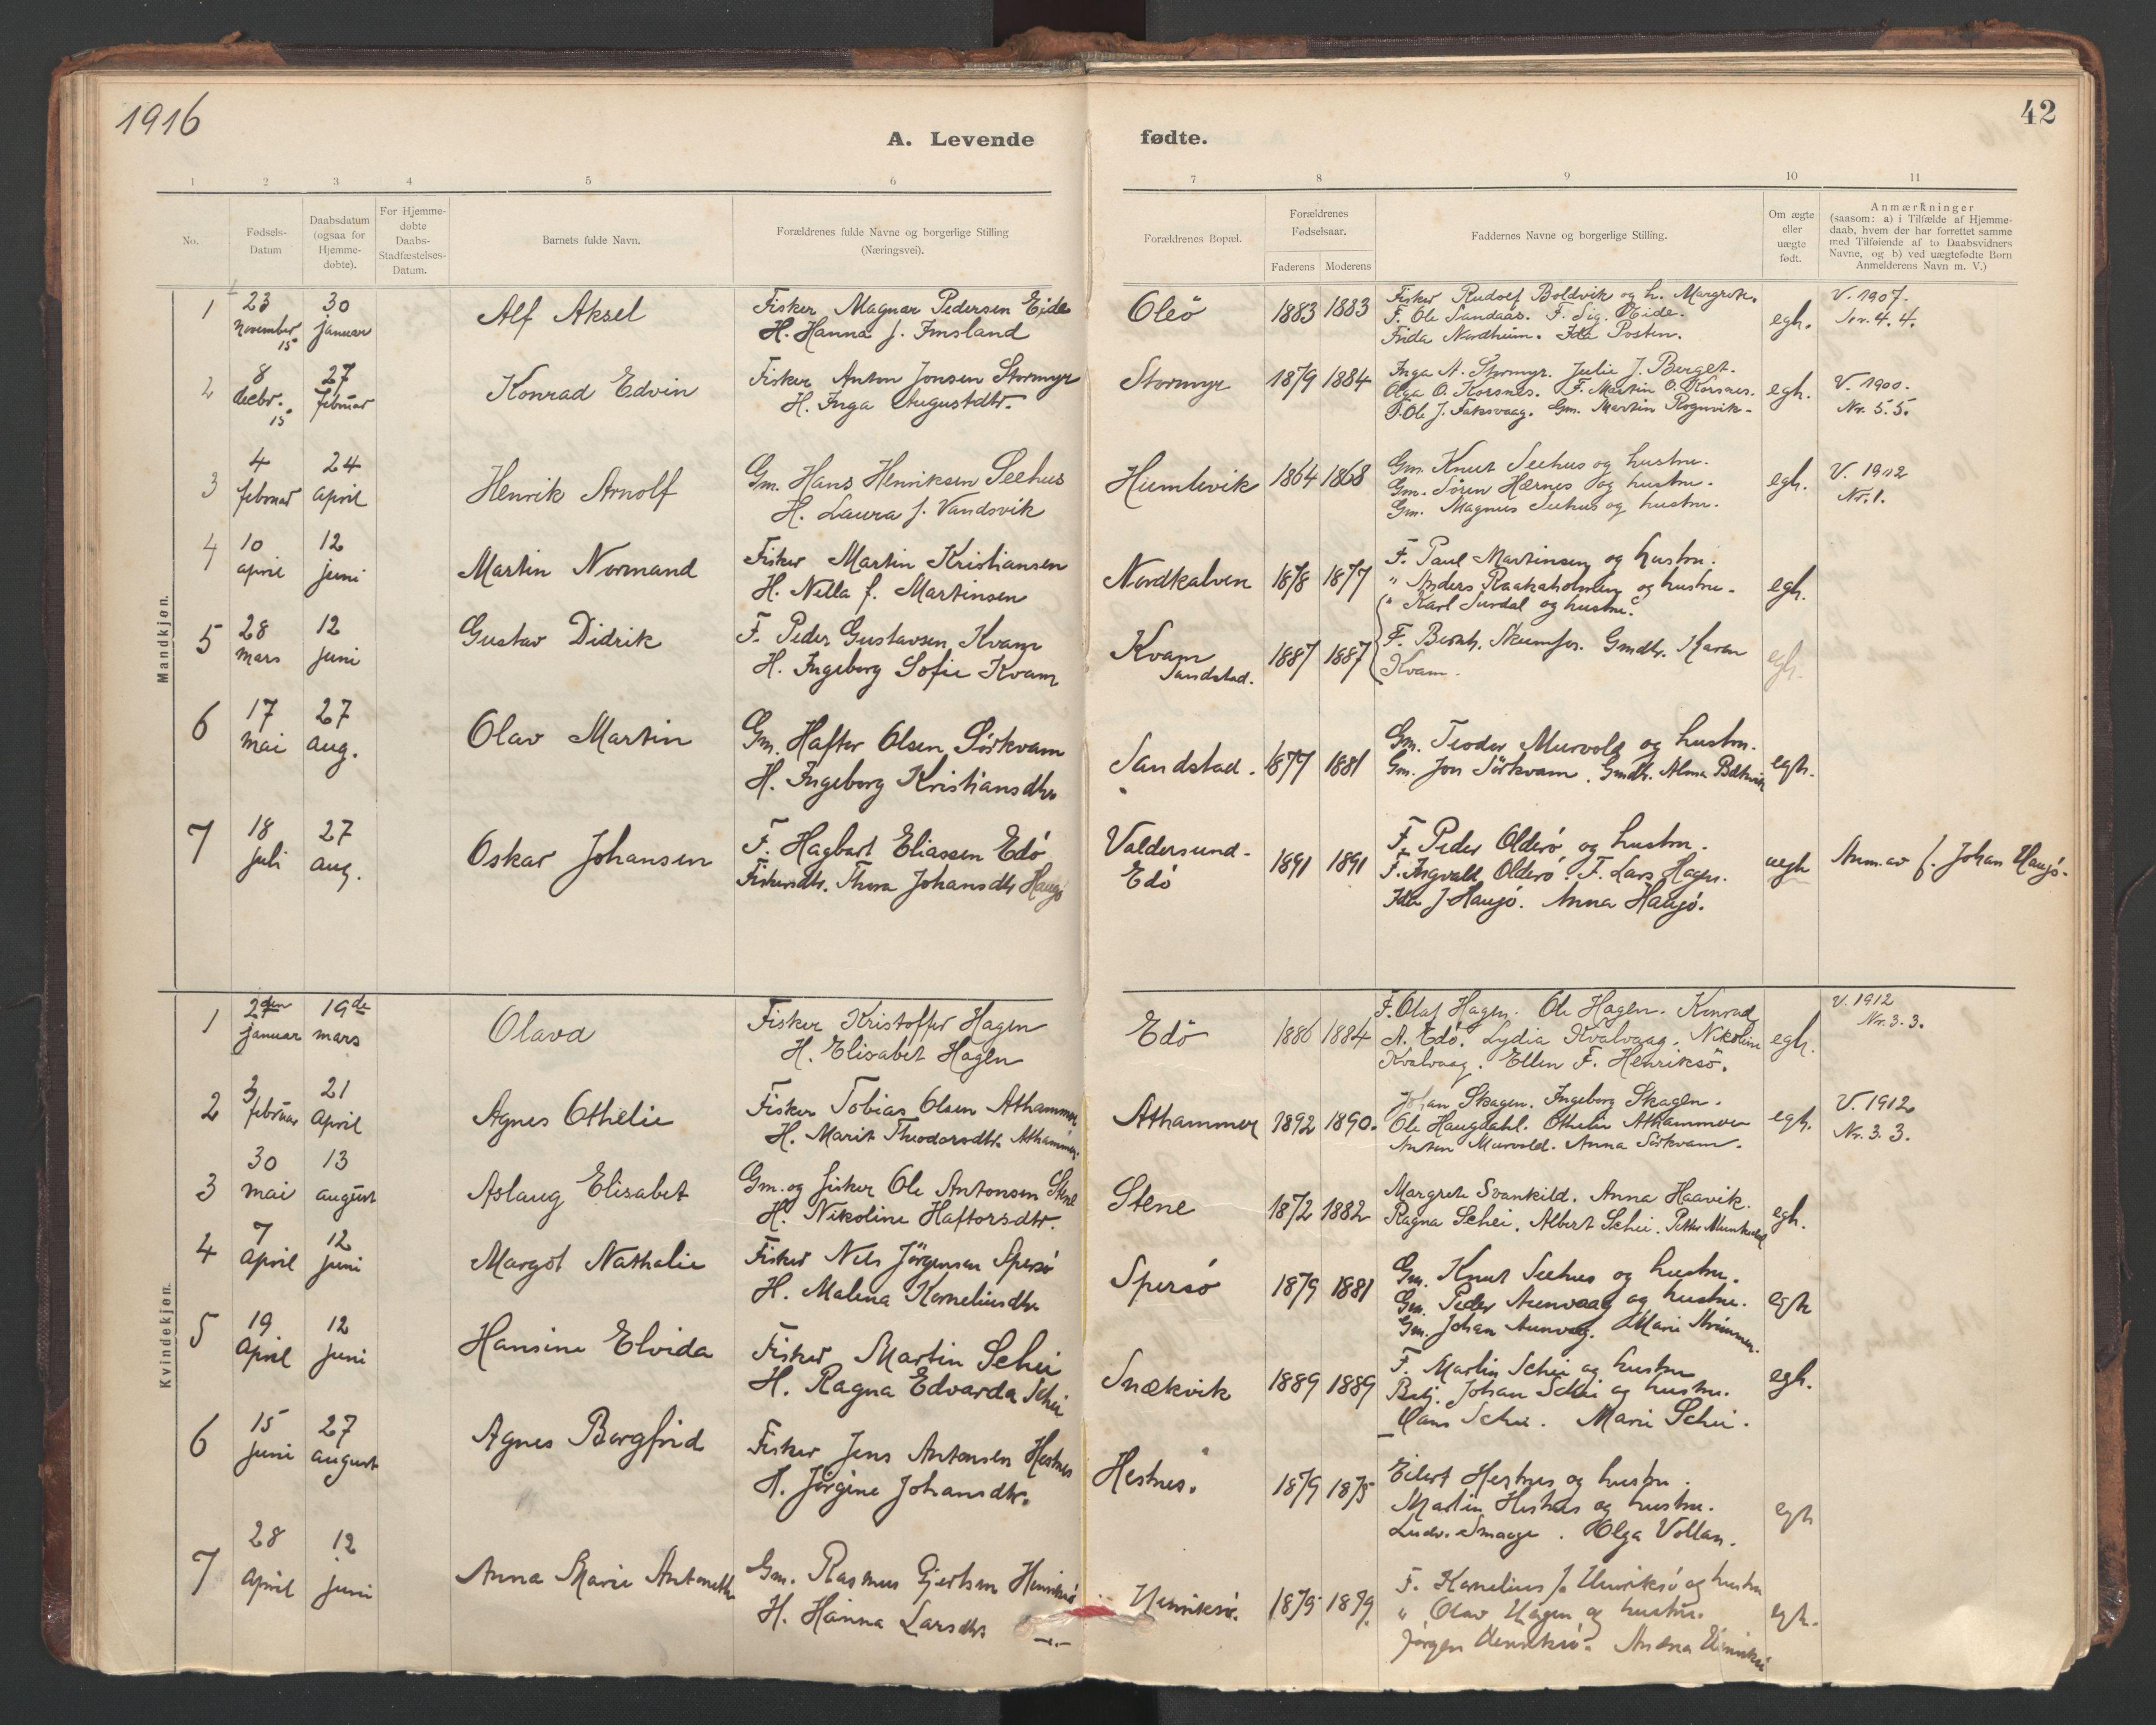 SAT, Ministerialprotokoller, klokkerbøker og fødselsregistre - Sør-Trøndelag, 635/L0552: Ministerialbok nr. 635A02, 1899-1919, s. 42